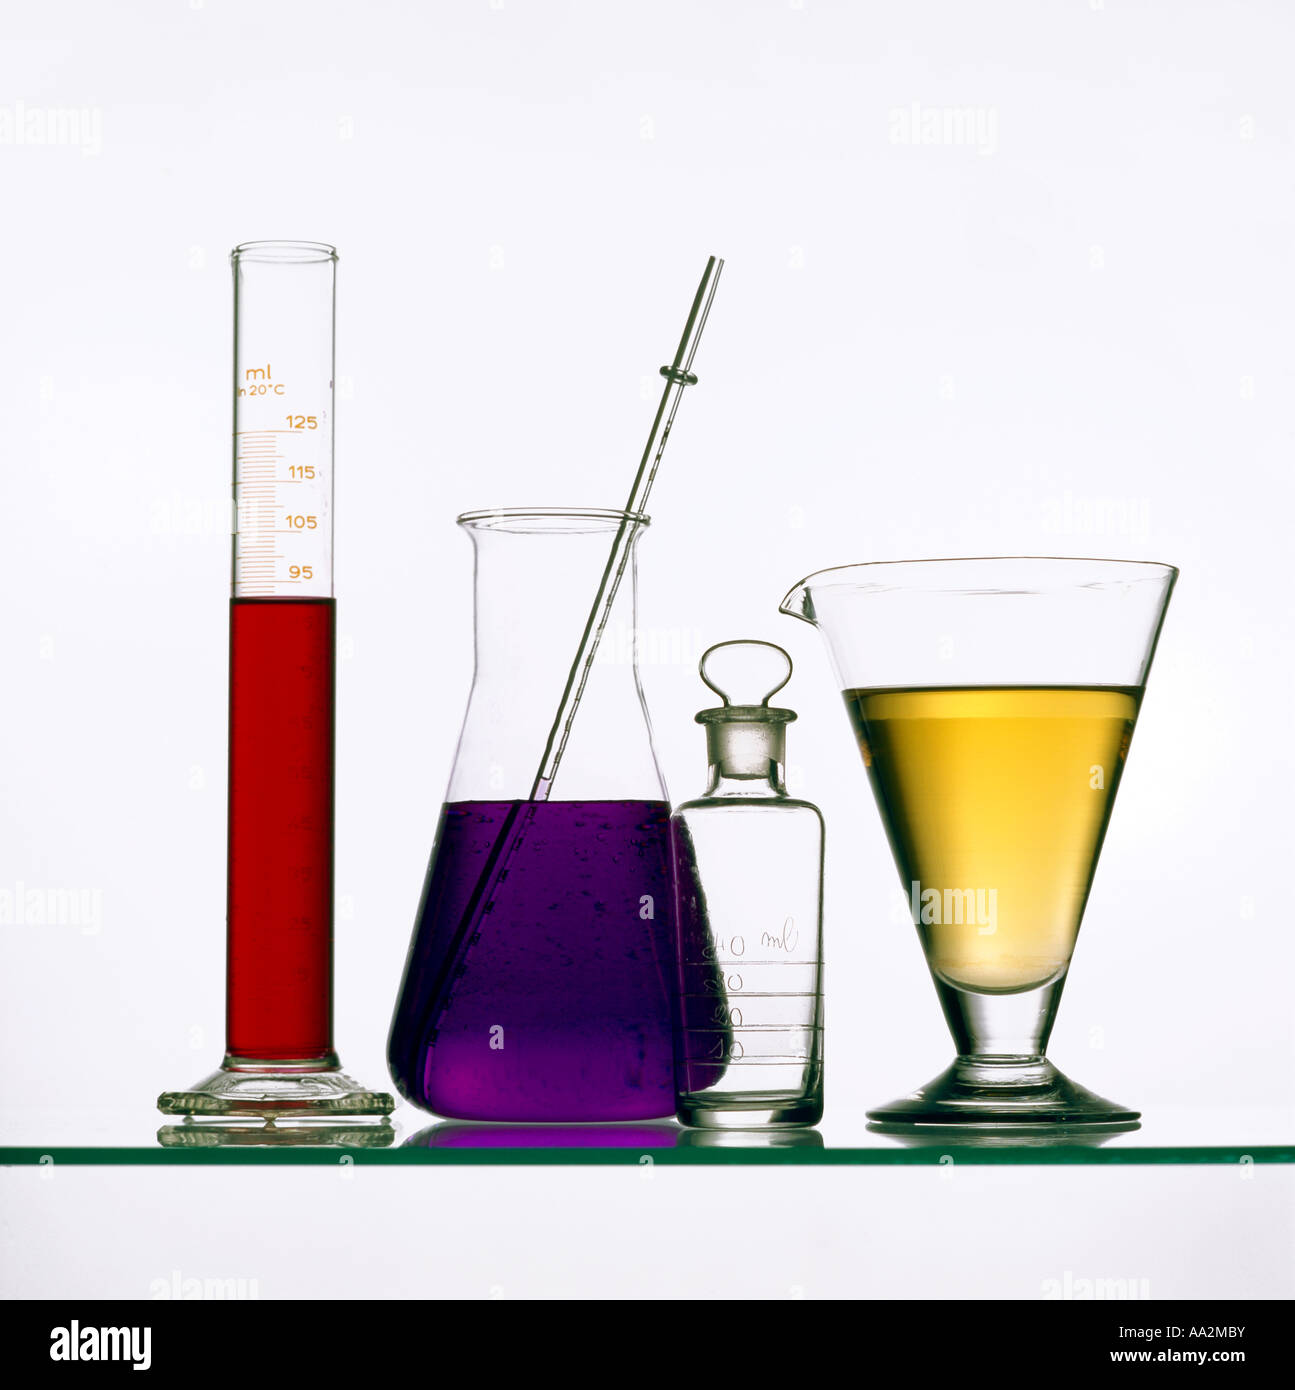 Groupe de tubes à essai et gobelets dans un laboratoire scientifique Photo Stock